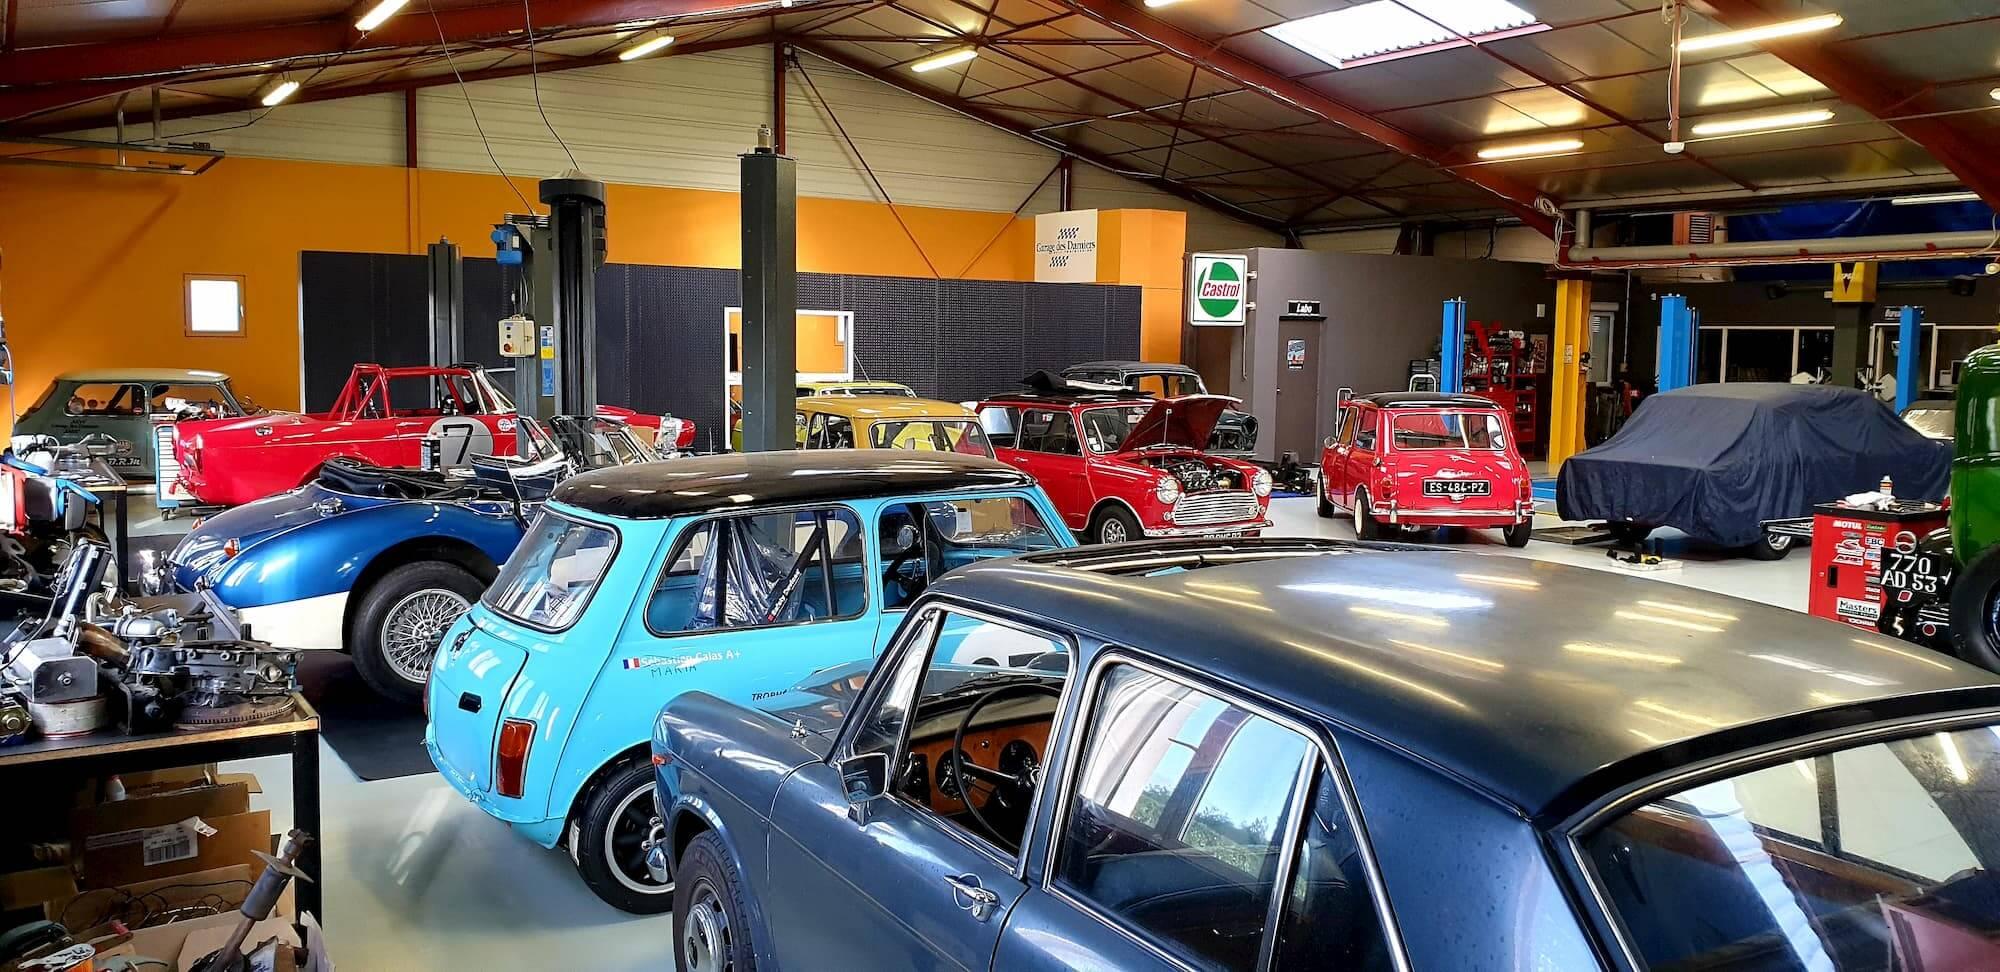 Atelier mécanique spécialiste mini et voiture anglaise - restauration voiture ancienne